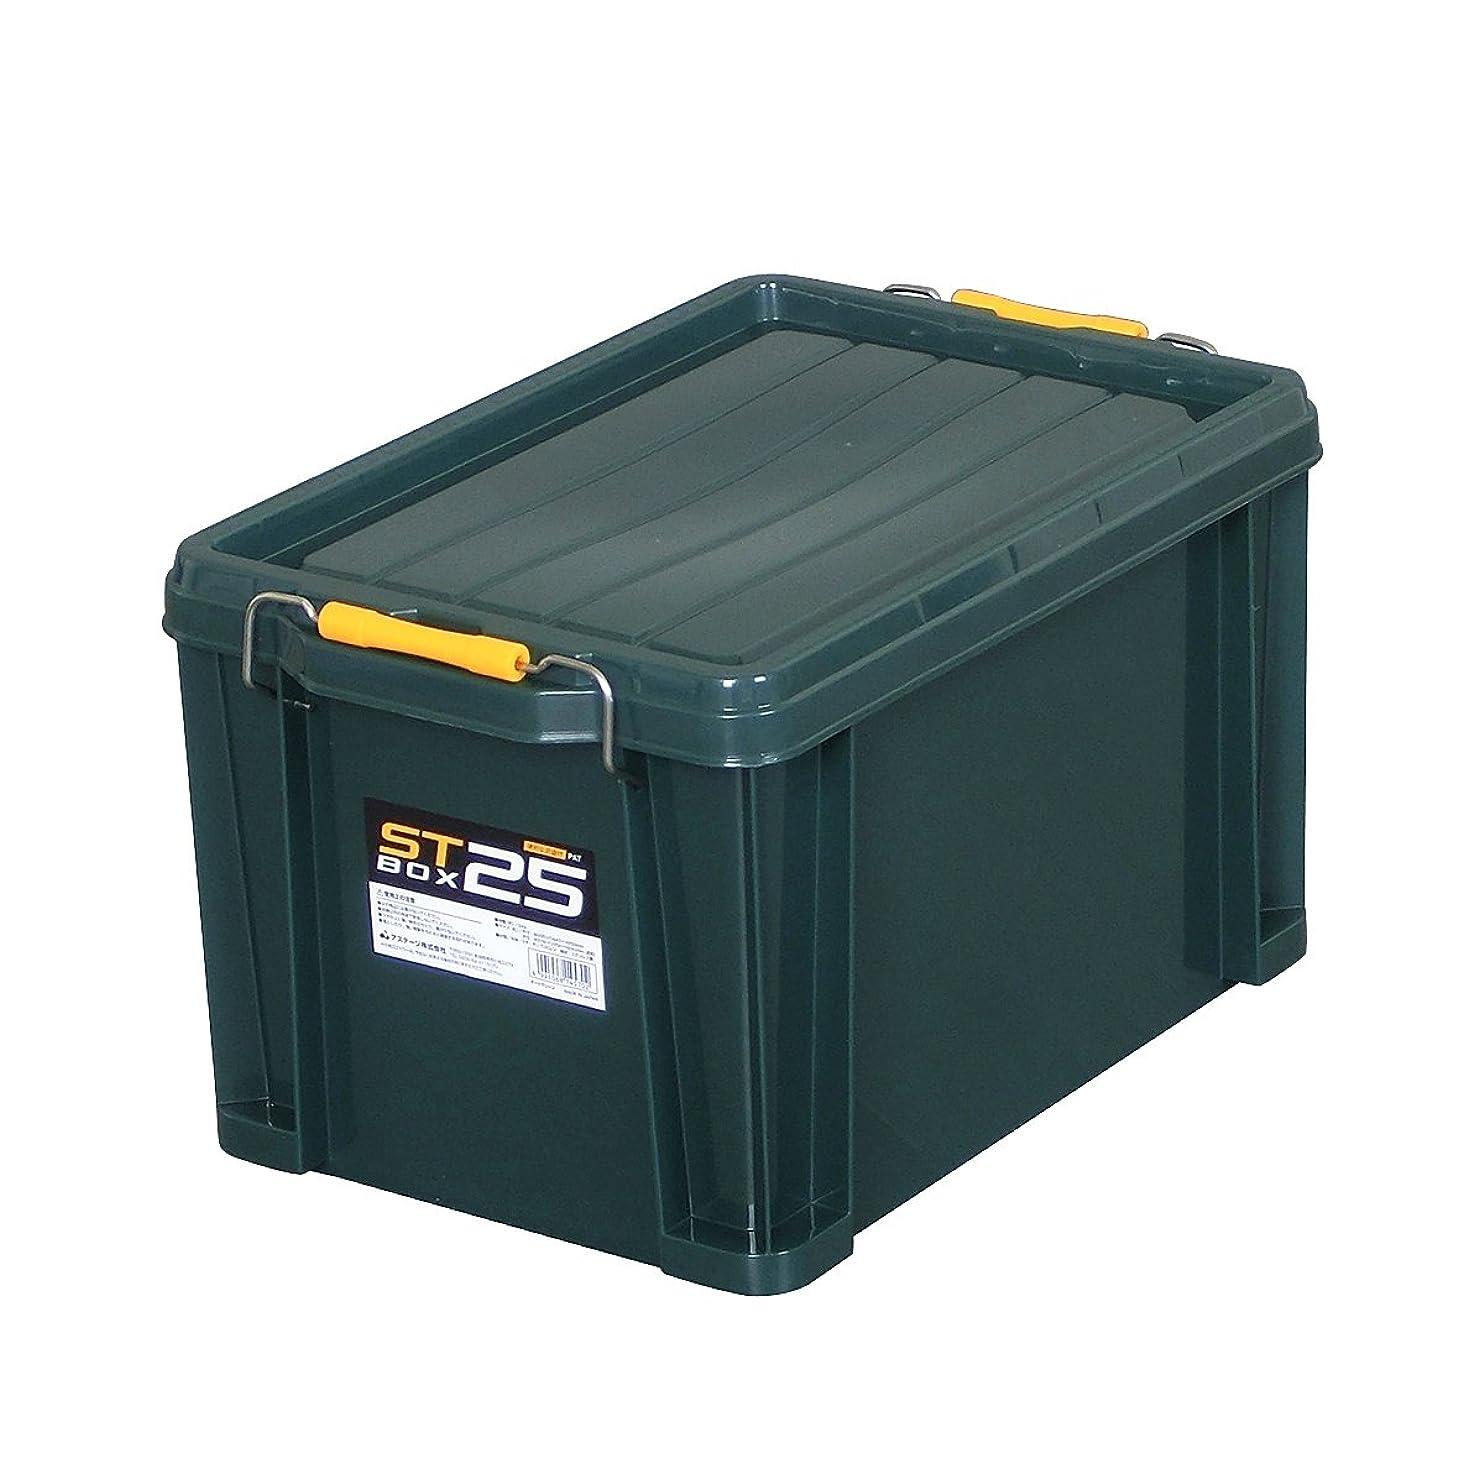 高尚なアームストロング漂流Astage(アステージ)  STボックス DK #25 グリーン W約29.5×D約44.3×H約25.9cm